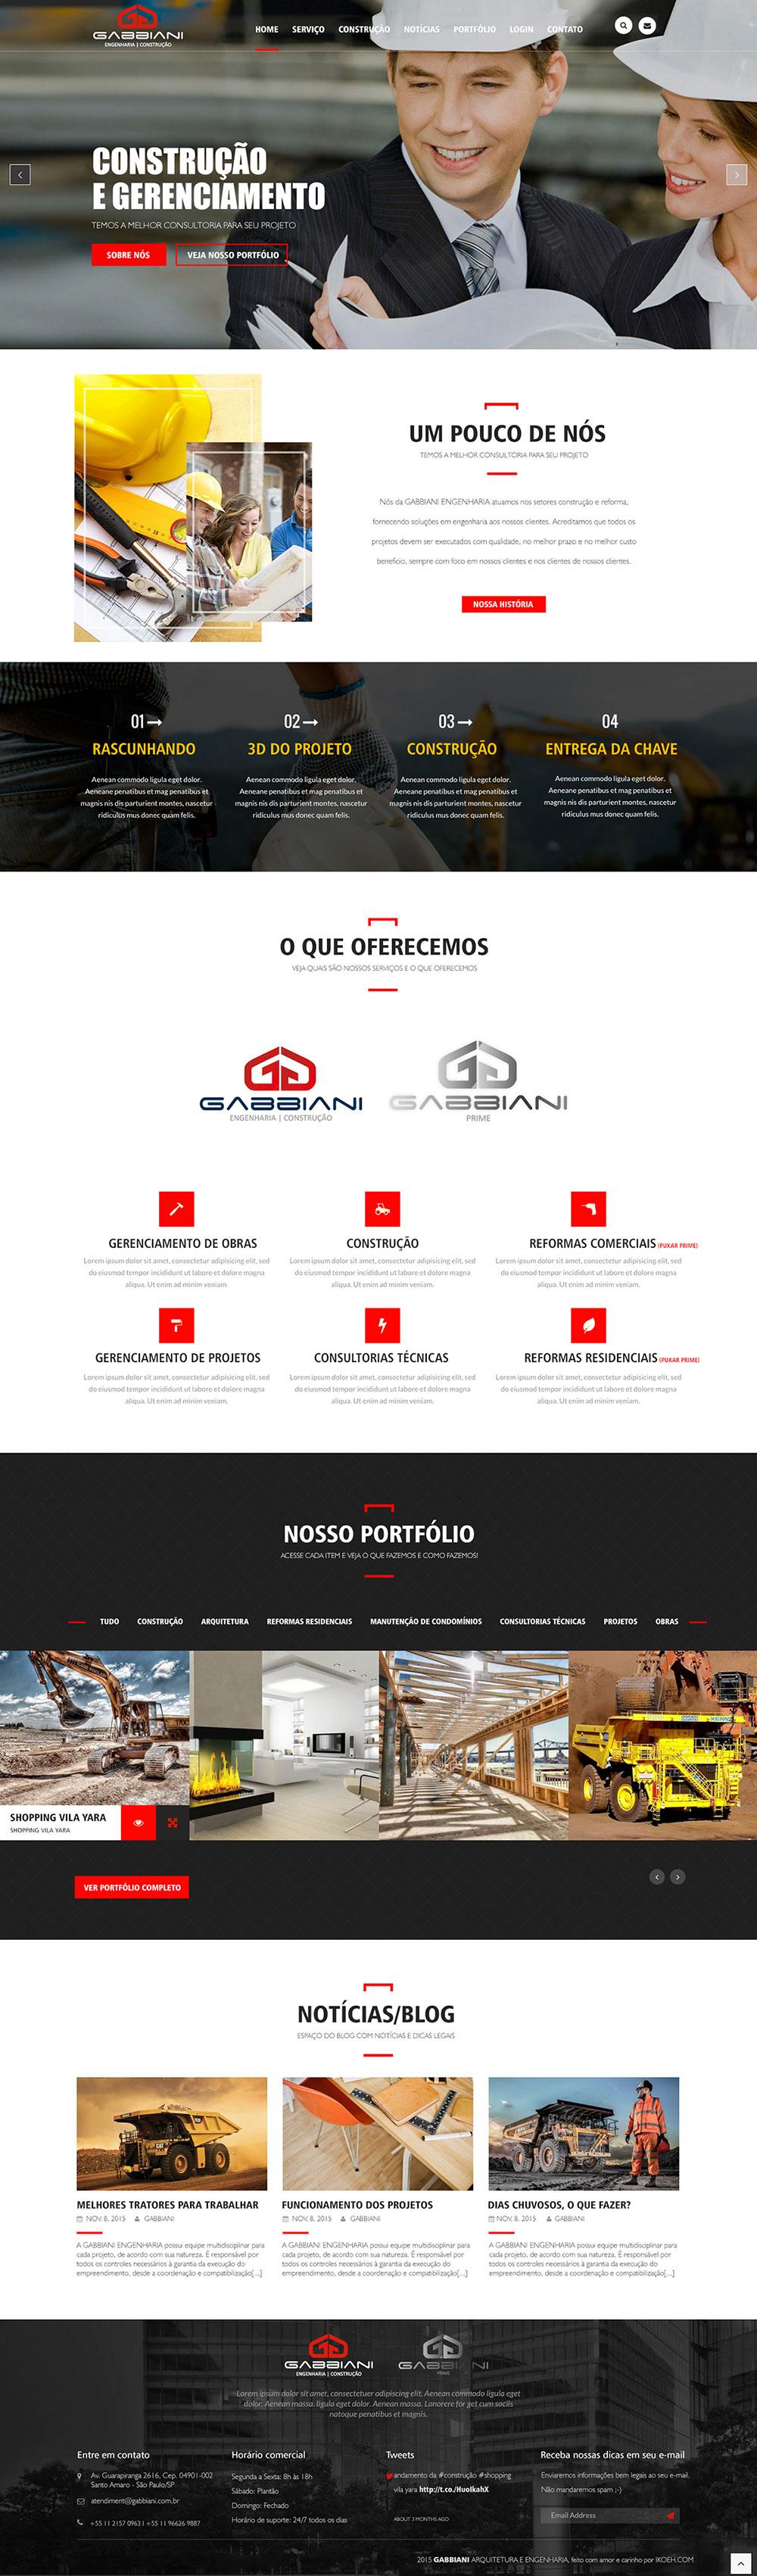 site-gabbiani-layout